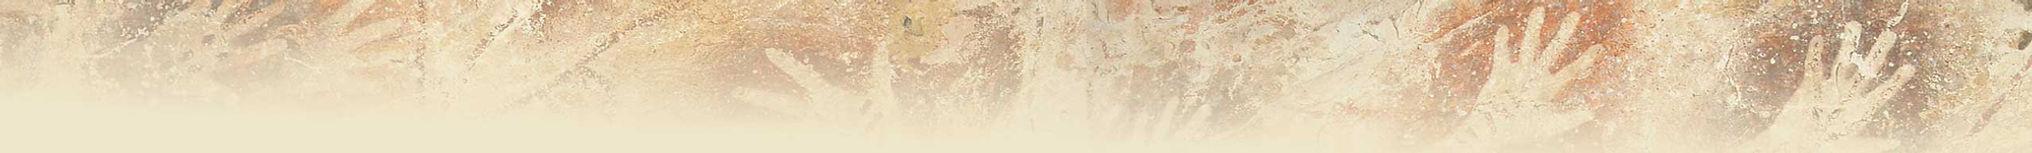 texture-faded-lighter.jpg